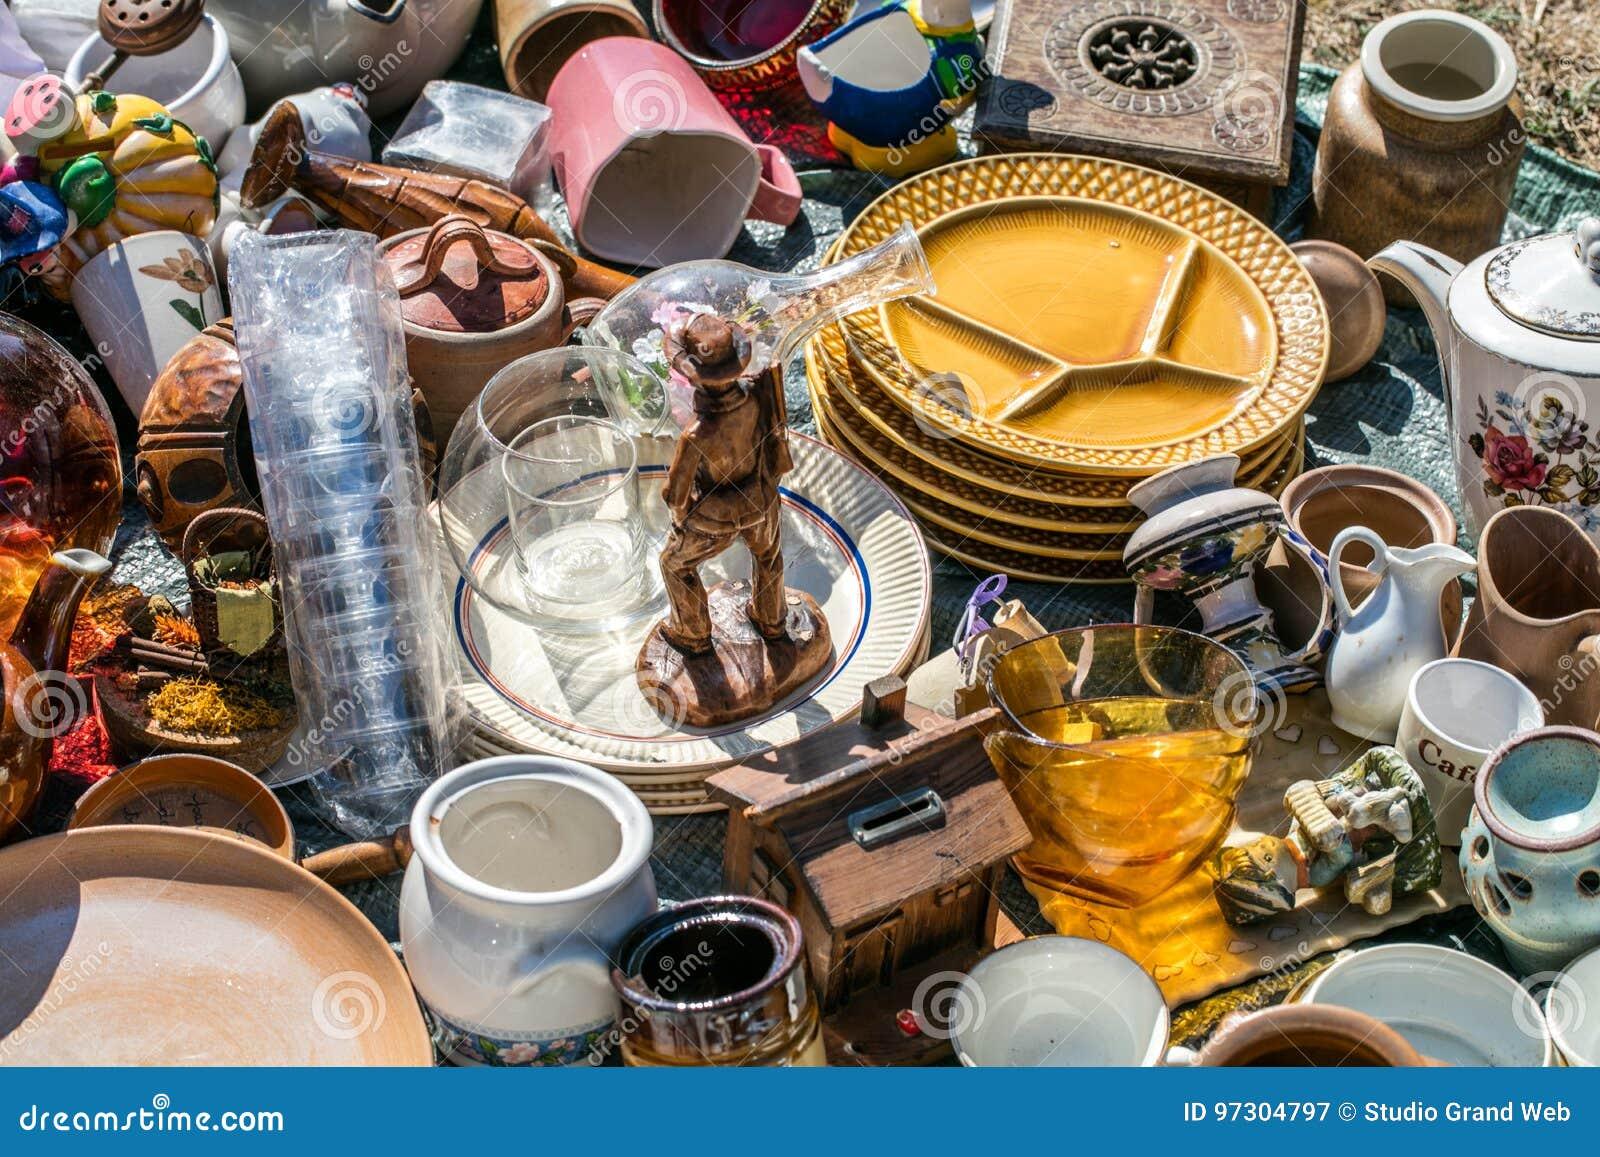 Pile des choses de ménage et des objets décoratifs à l aide sociale